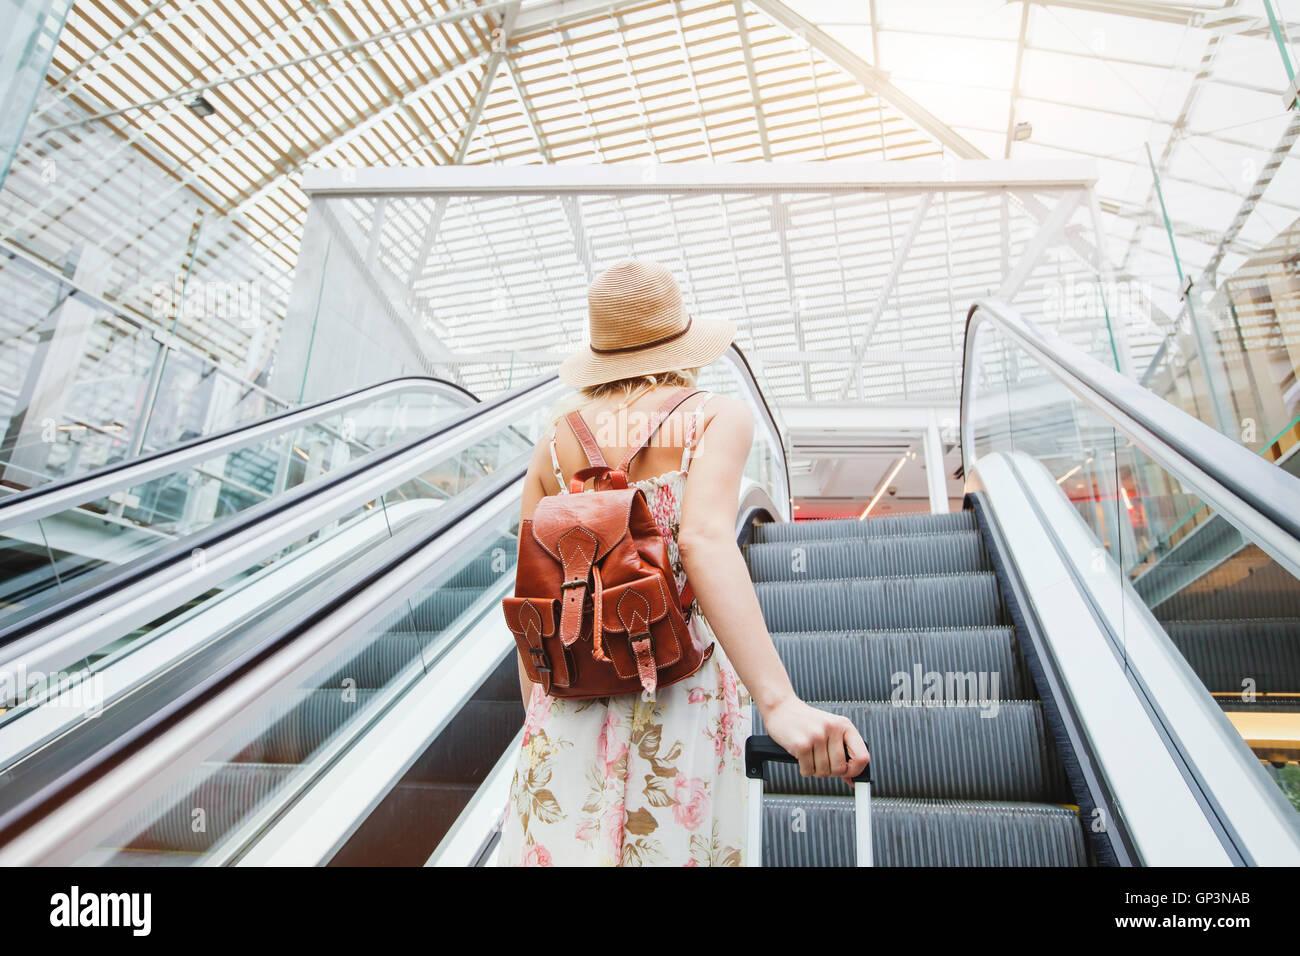 Frau in modernen Flughafen, Reisende mit Gepäck Stockbild